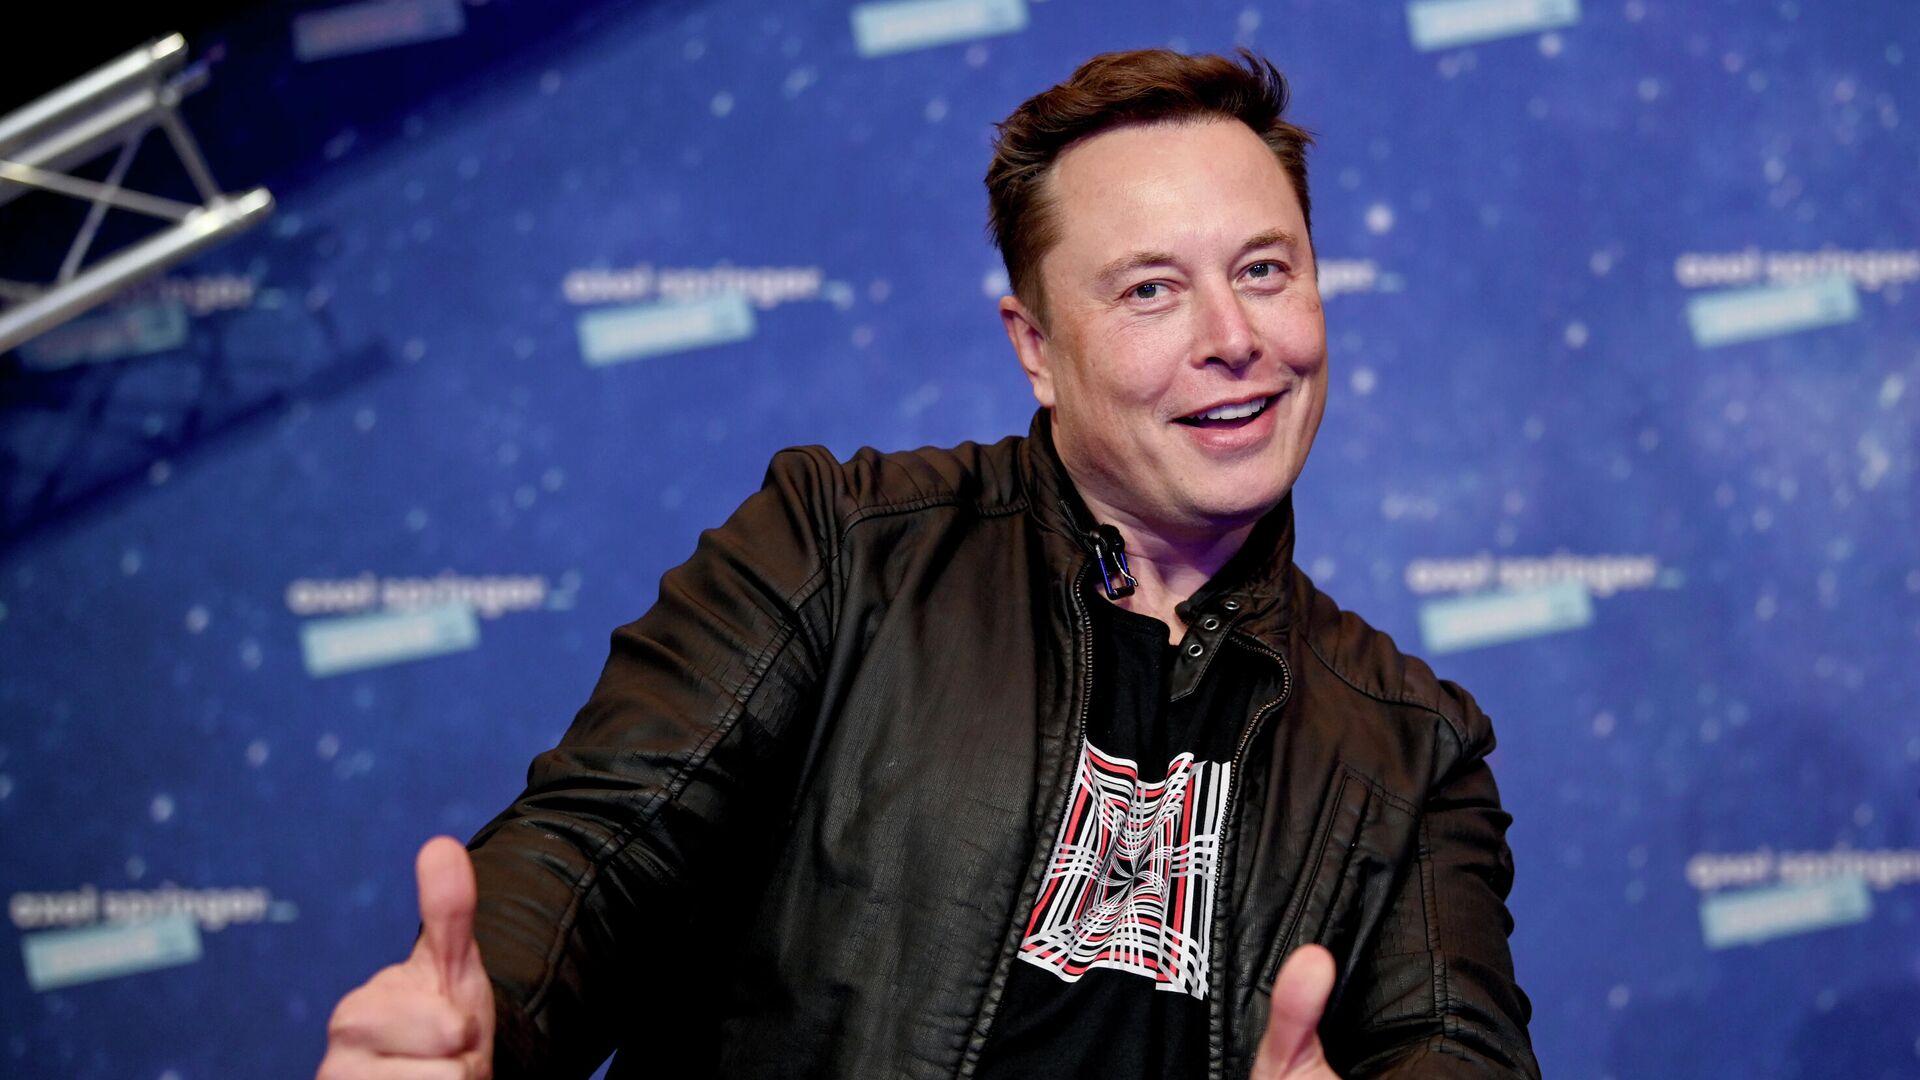 Владелец SpaceX и генеральный директор Tesla Илон Маск - РИА Новости, 1920, 04.06.2021